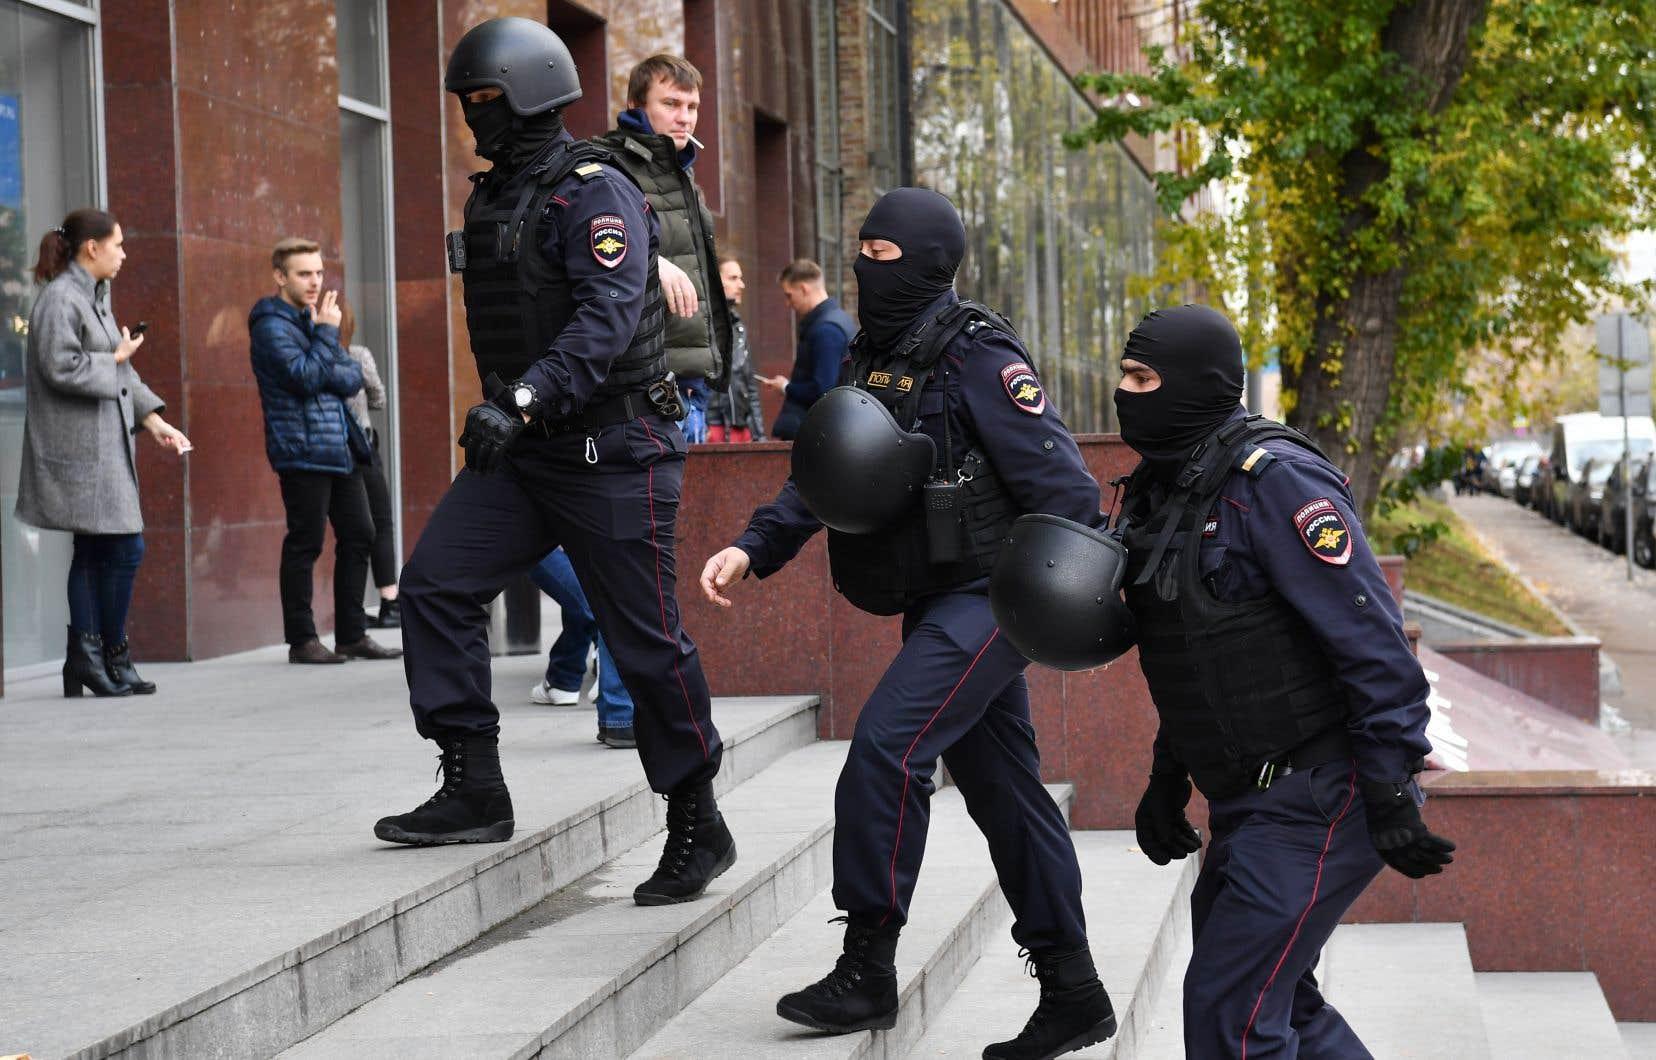 Un photographe de l'AFP a vu les policiers russes pénétrer dans les locaux moscovites de l'ONG d'Alexeï Navalny aux alentours de 10h, heure locale.